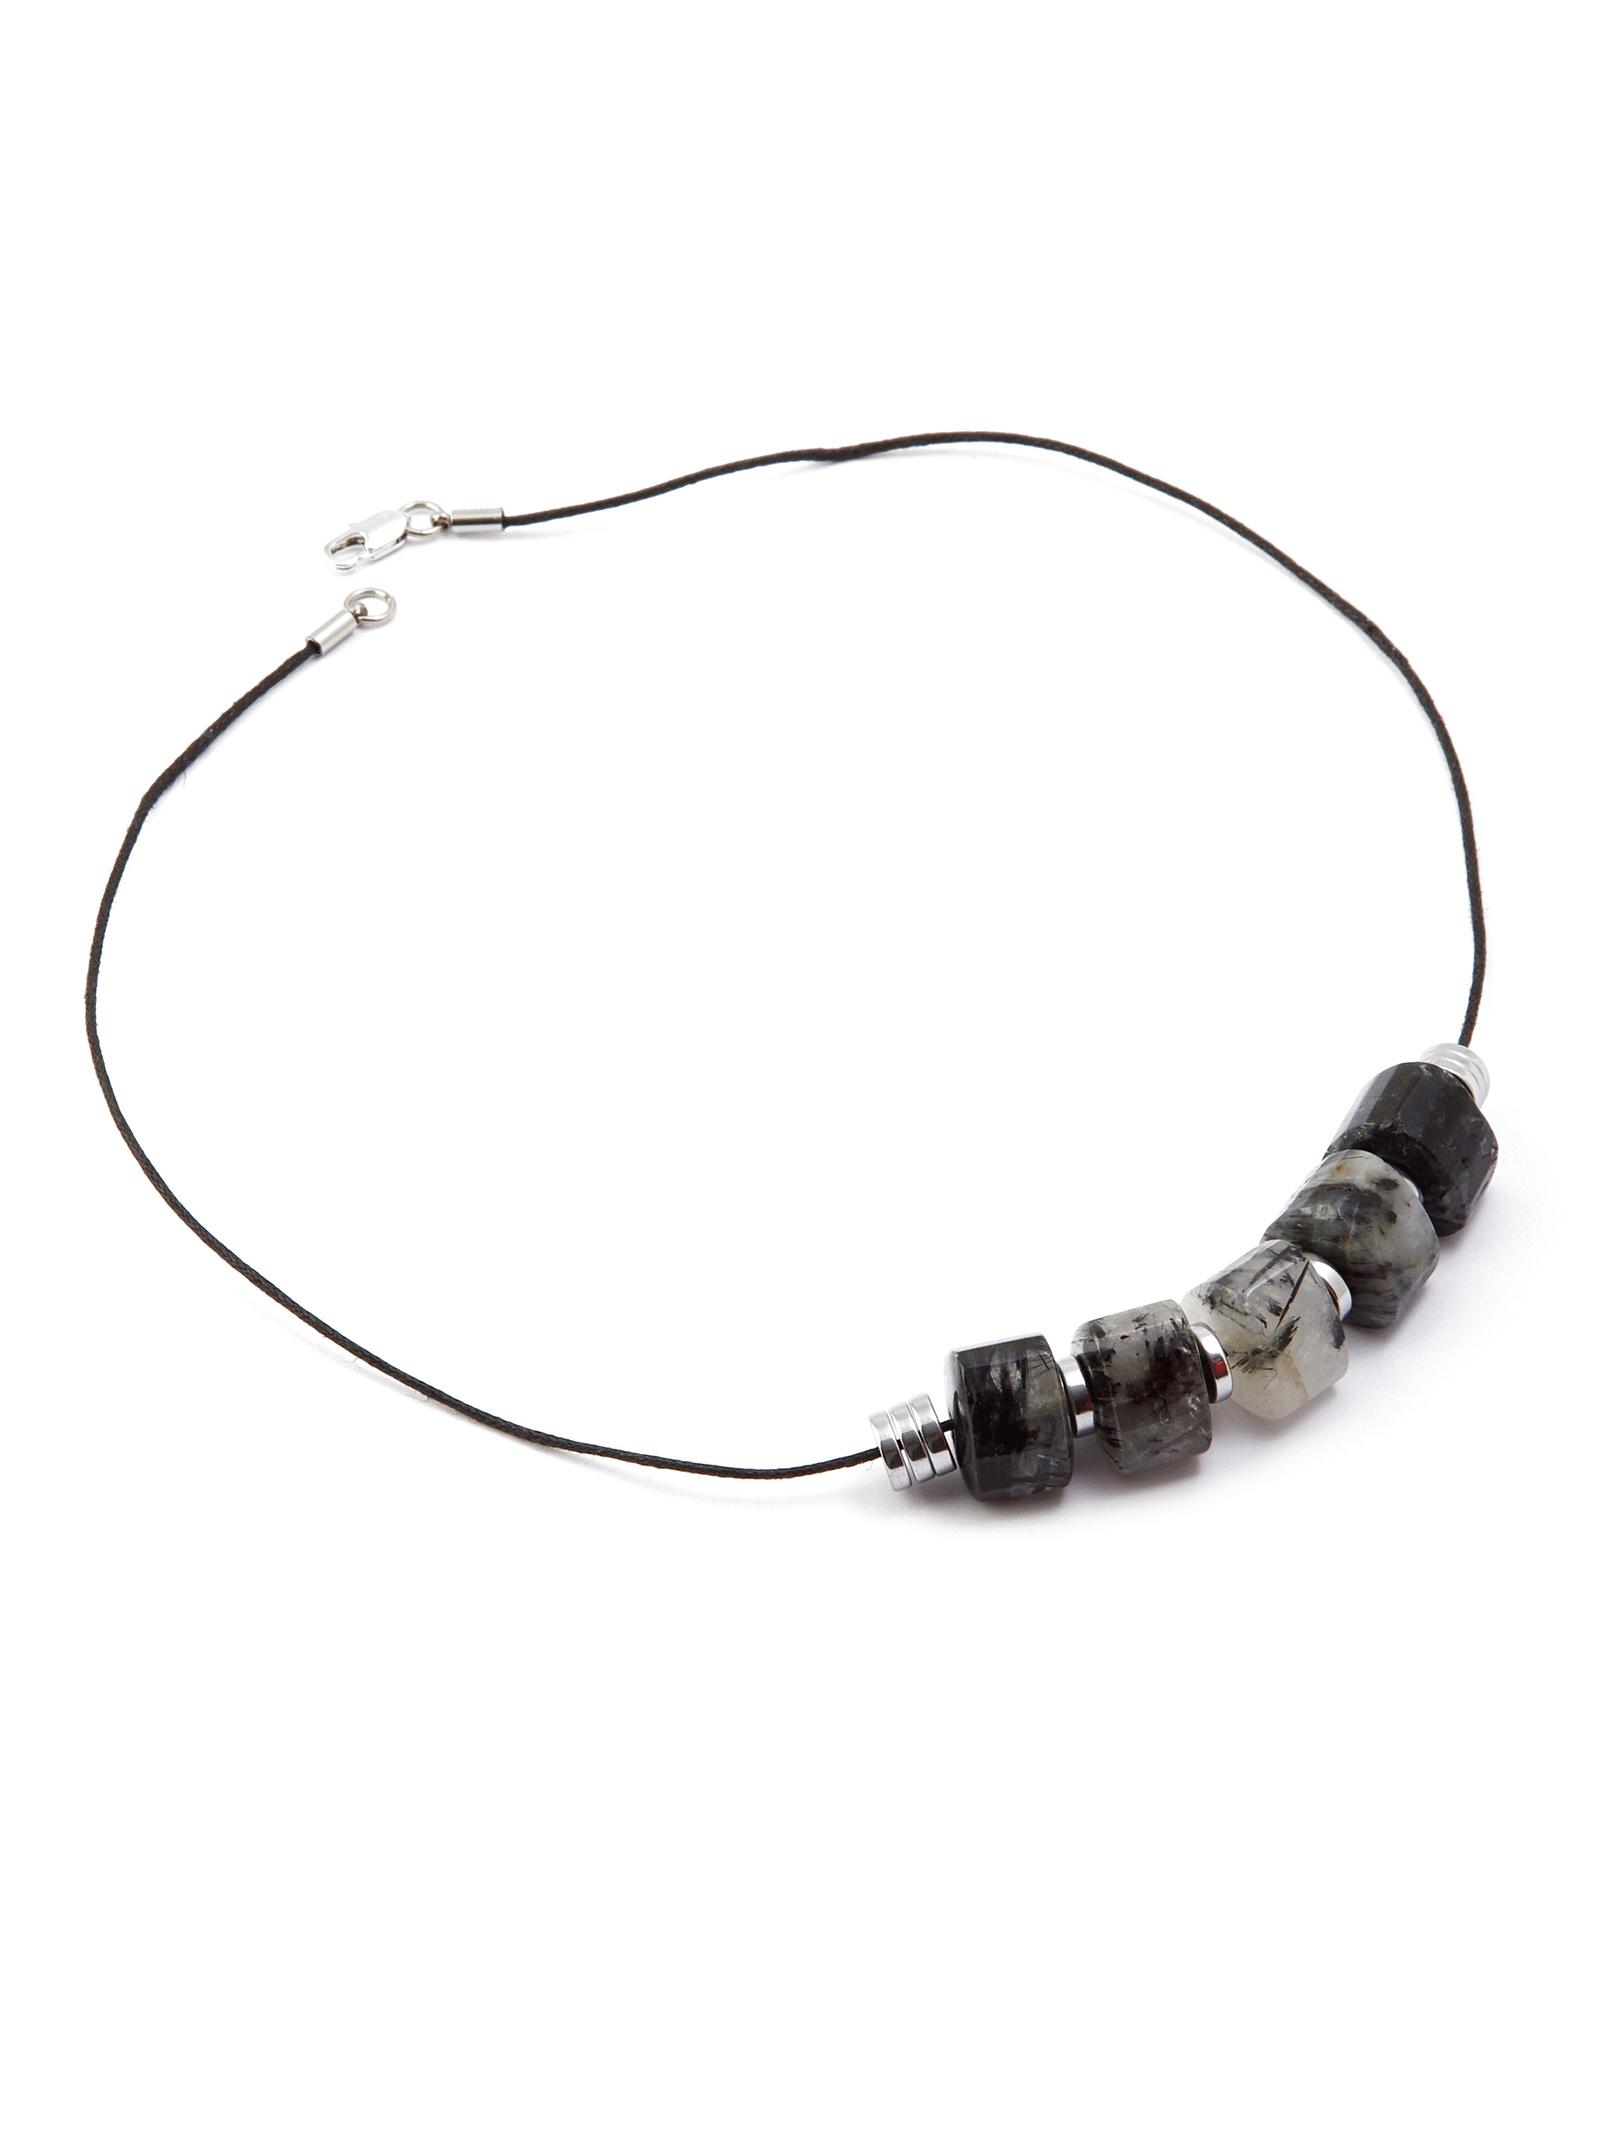 Колье/ожерелье бижутерное ЖемАрт цена и фото